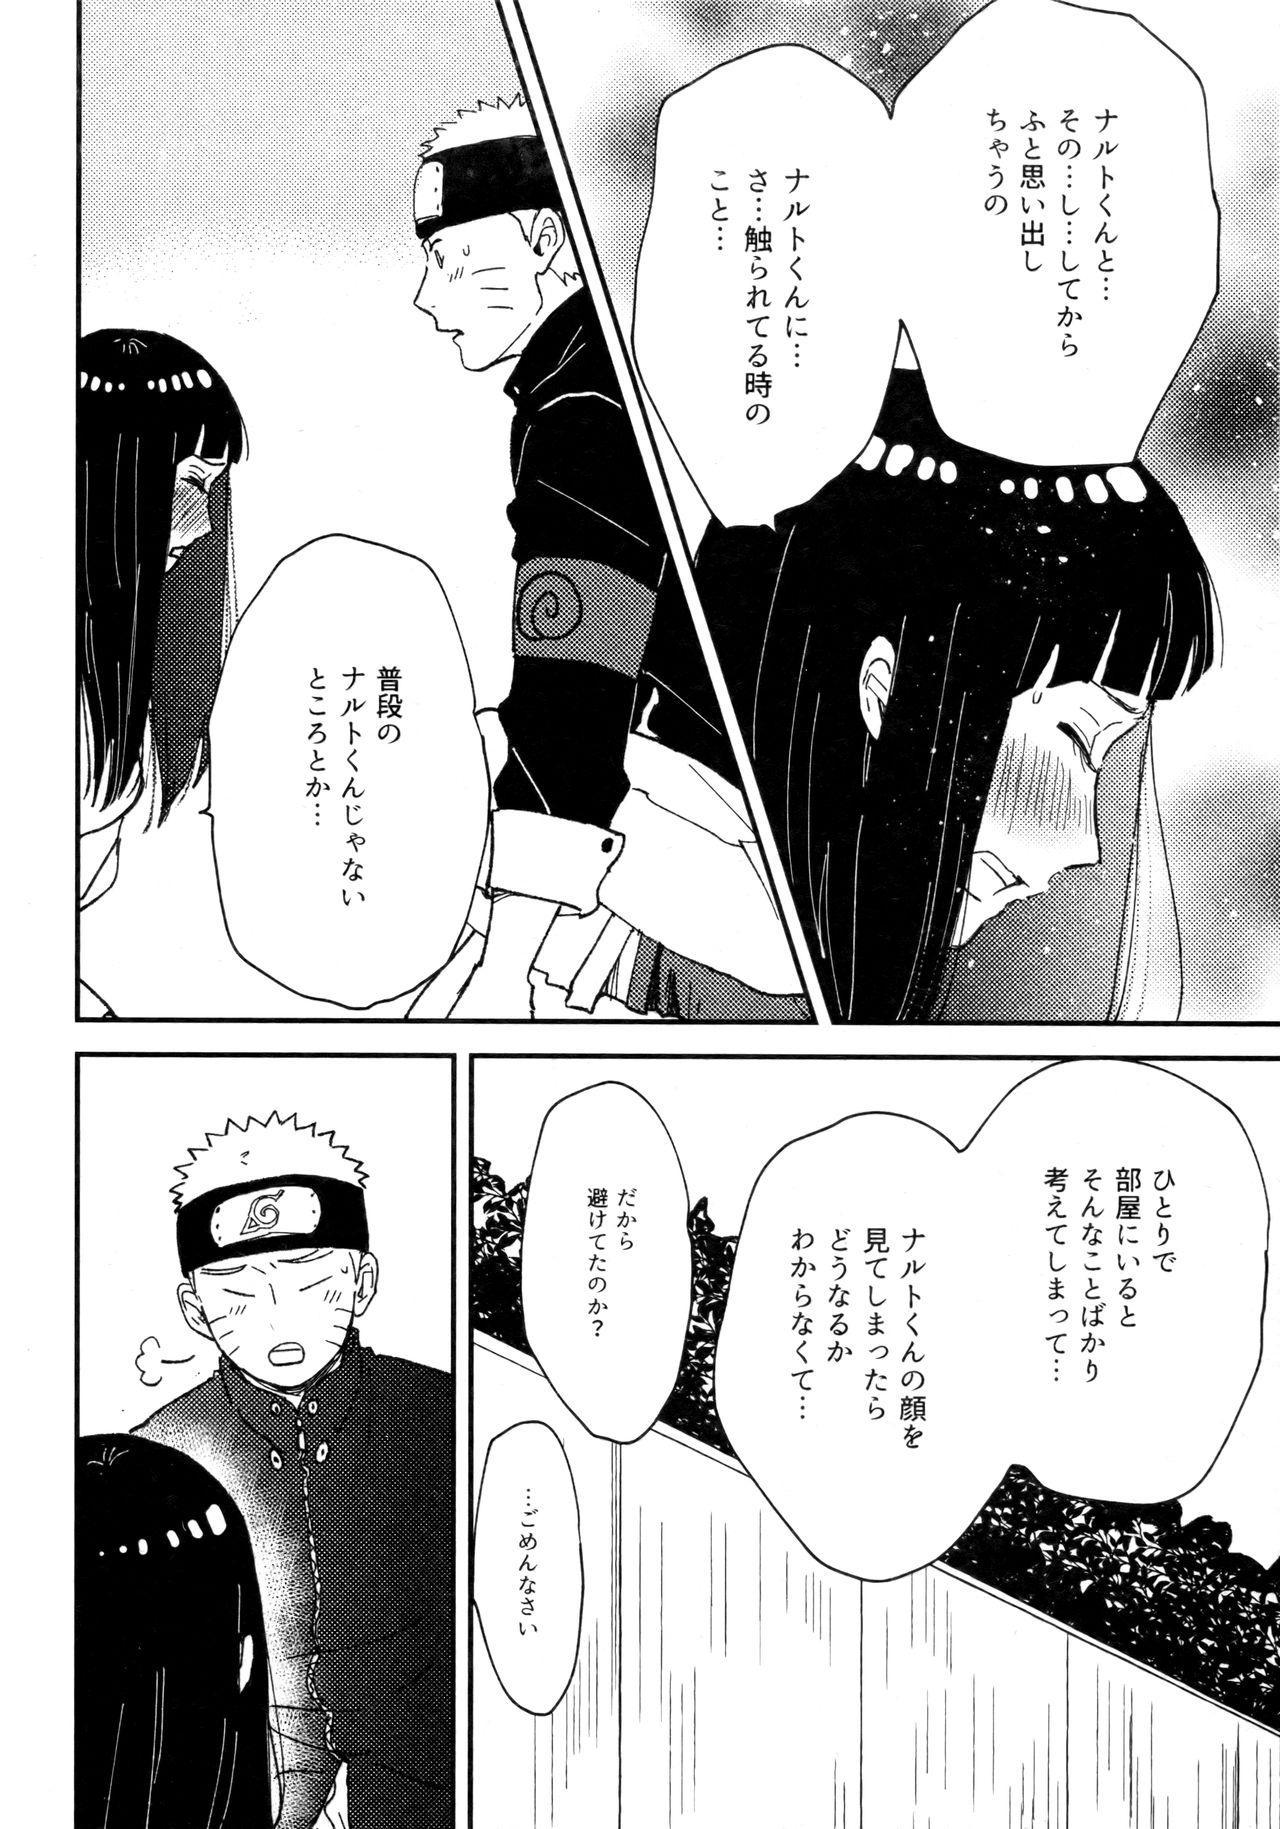 Koiwo Shiteiru Karada 3 12